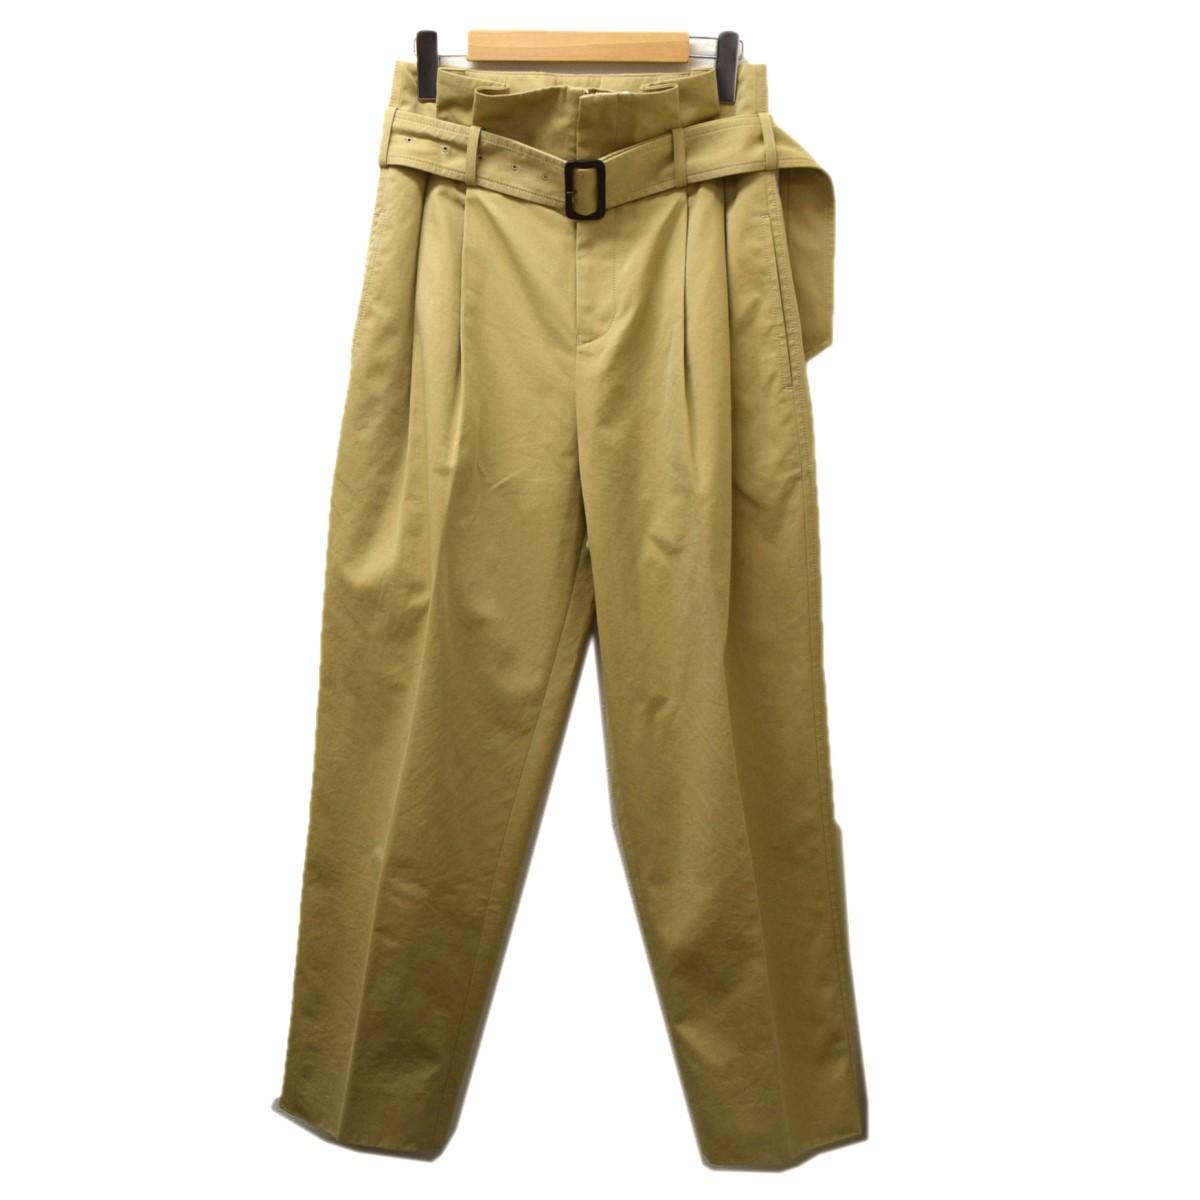 【中古】beautiful people cotton twill paper bag waist pants ベージュ サイズ:34 【190220】(ビューティフルピープル)